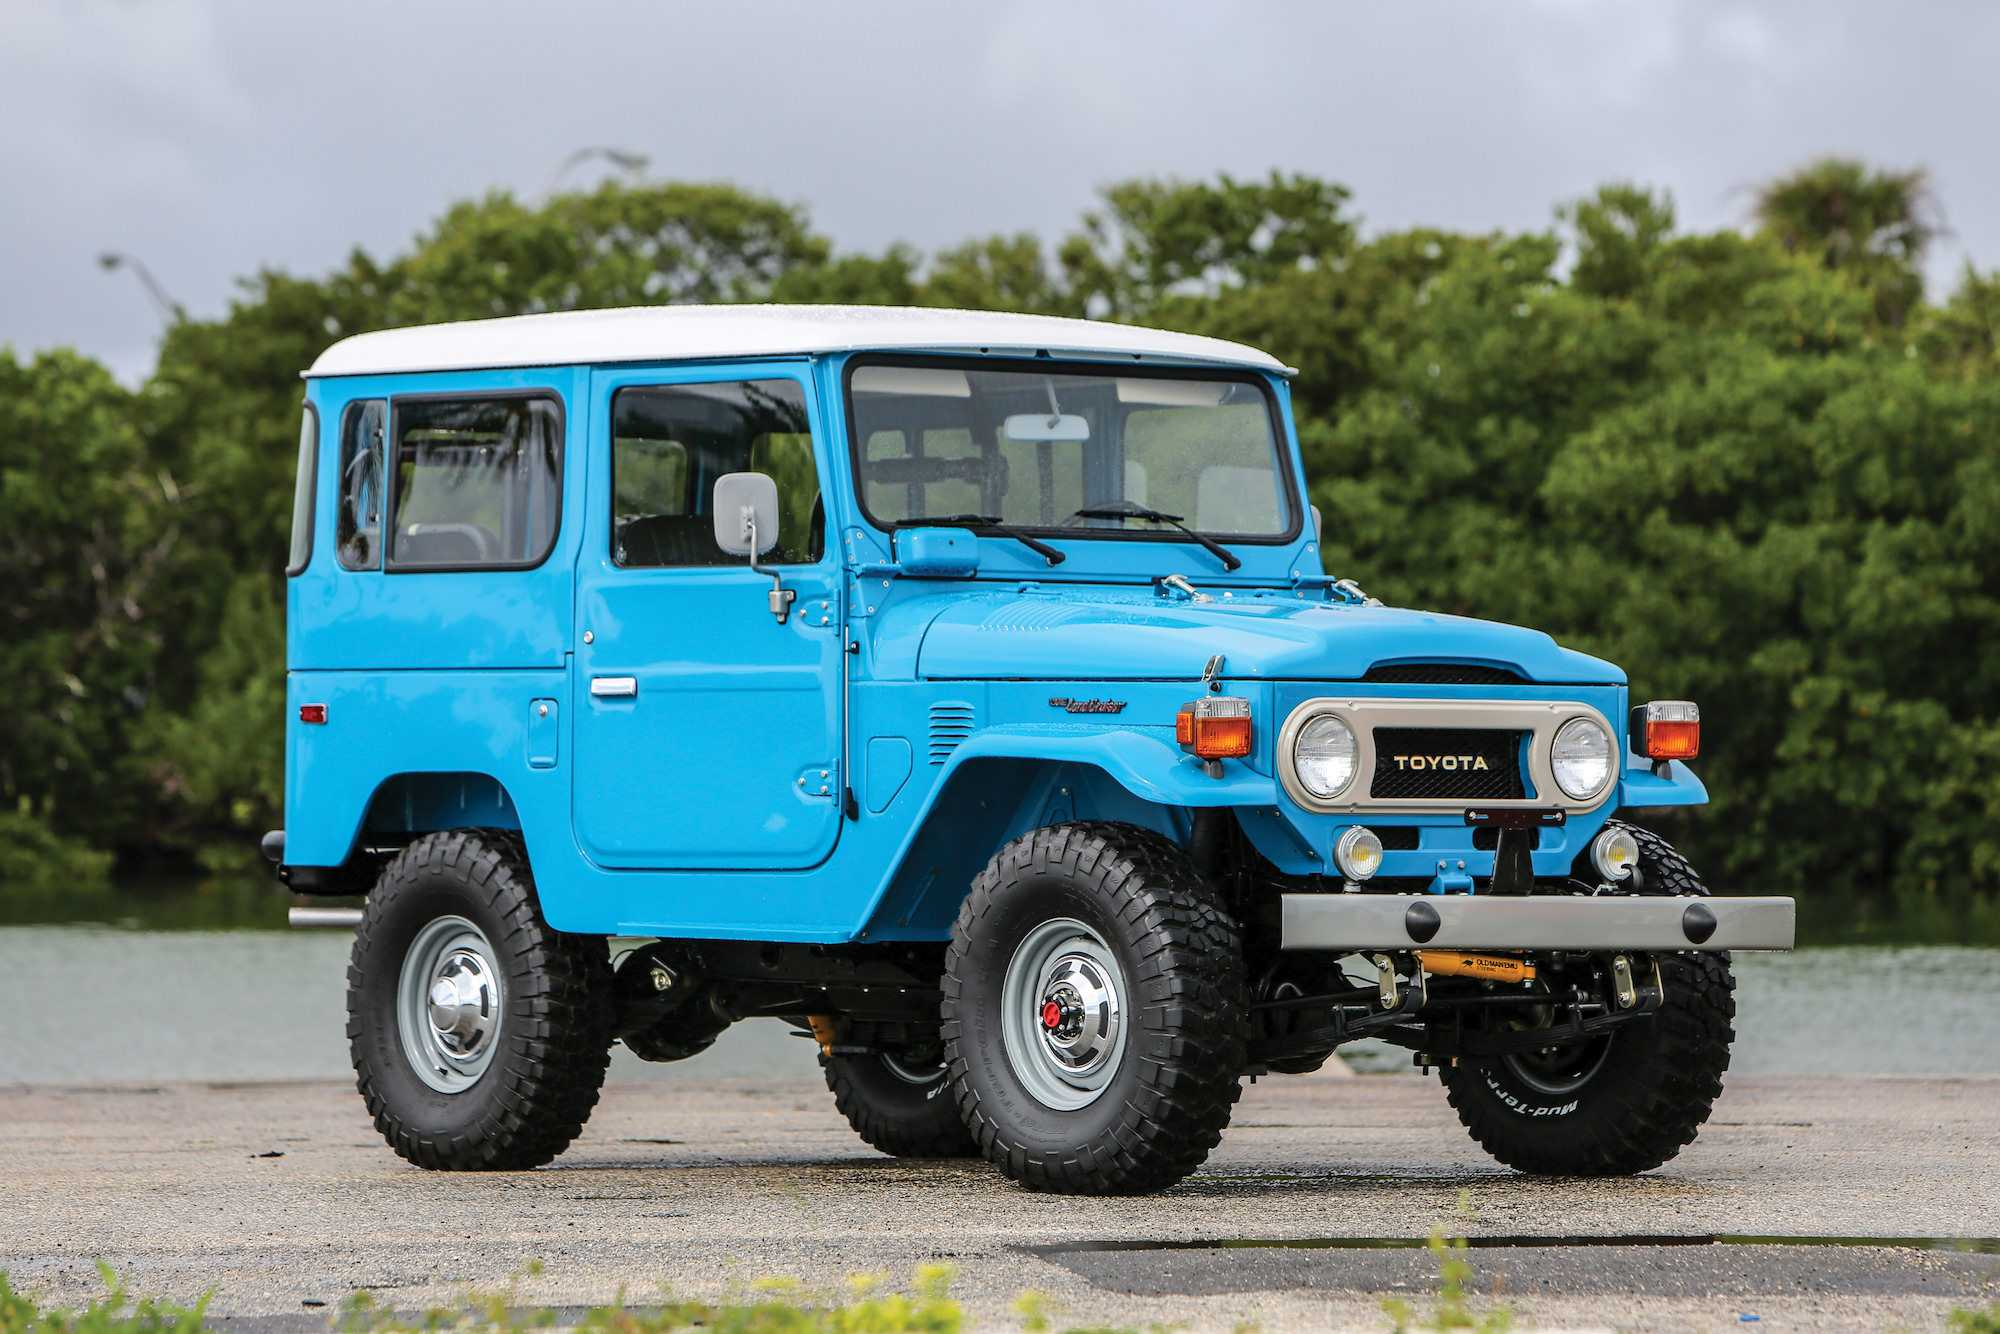 De Toyota Land Cruiser In Amk Nummer 11 Auto Motor Klassiek